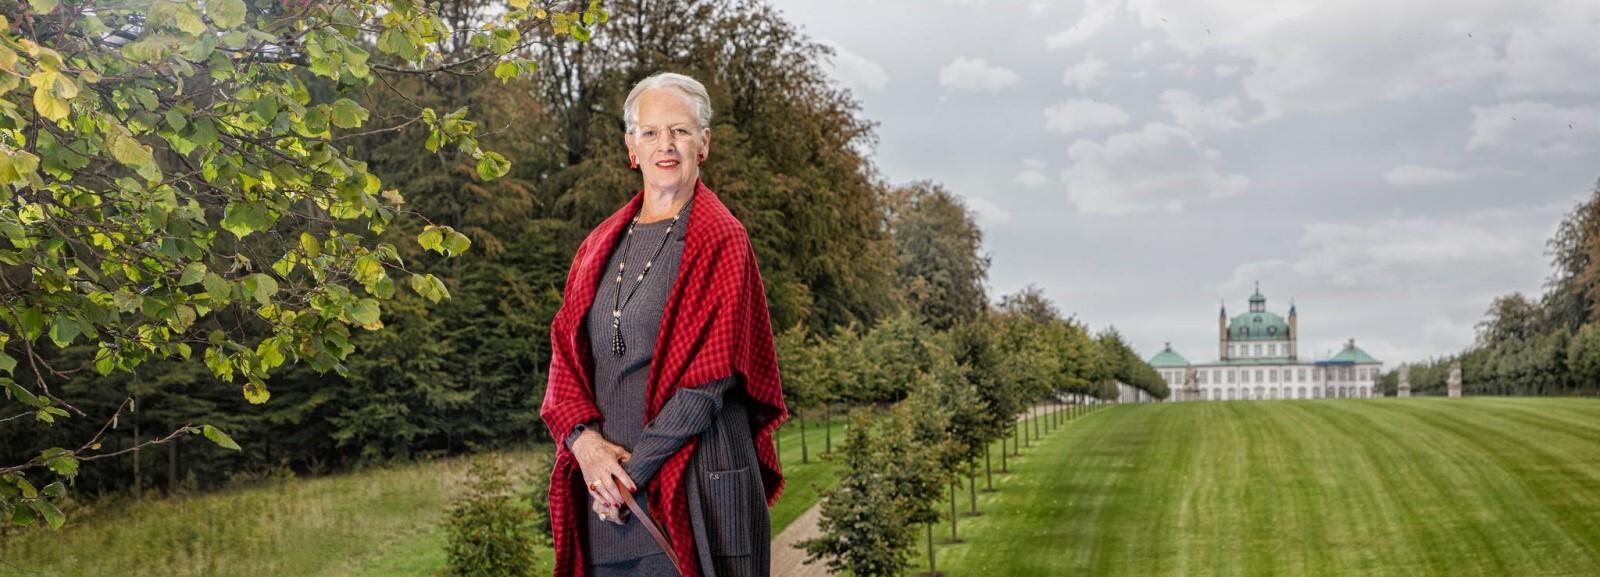 Kom tæt på Dronning Margrethes kreative sider